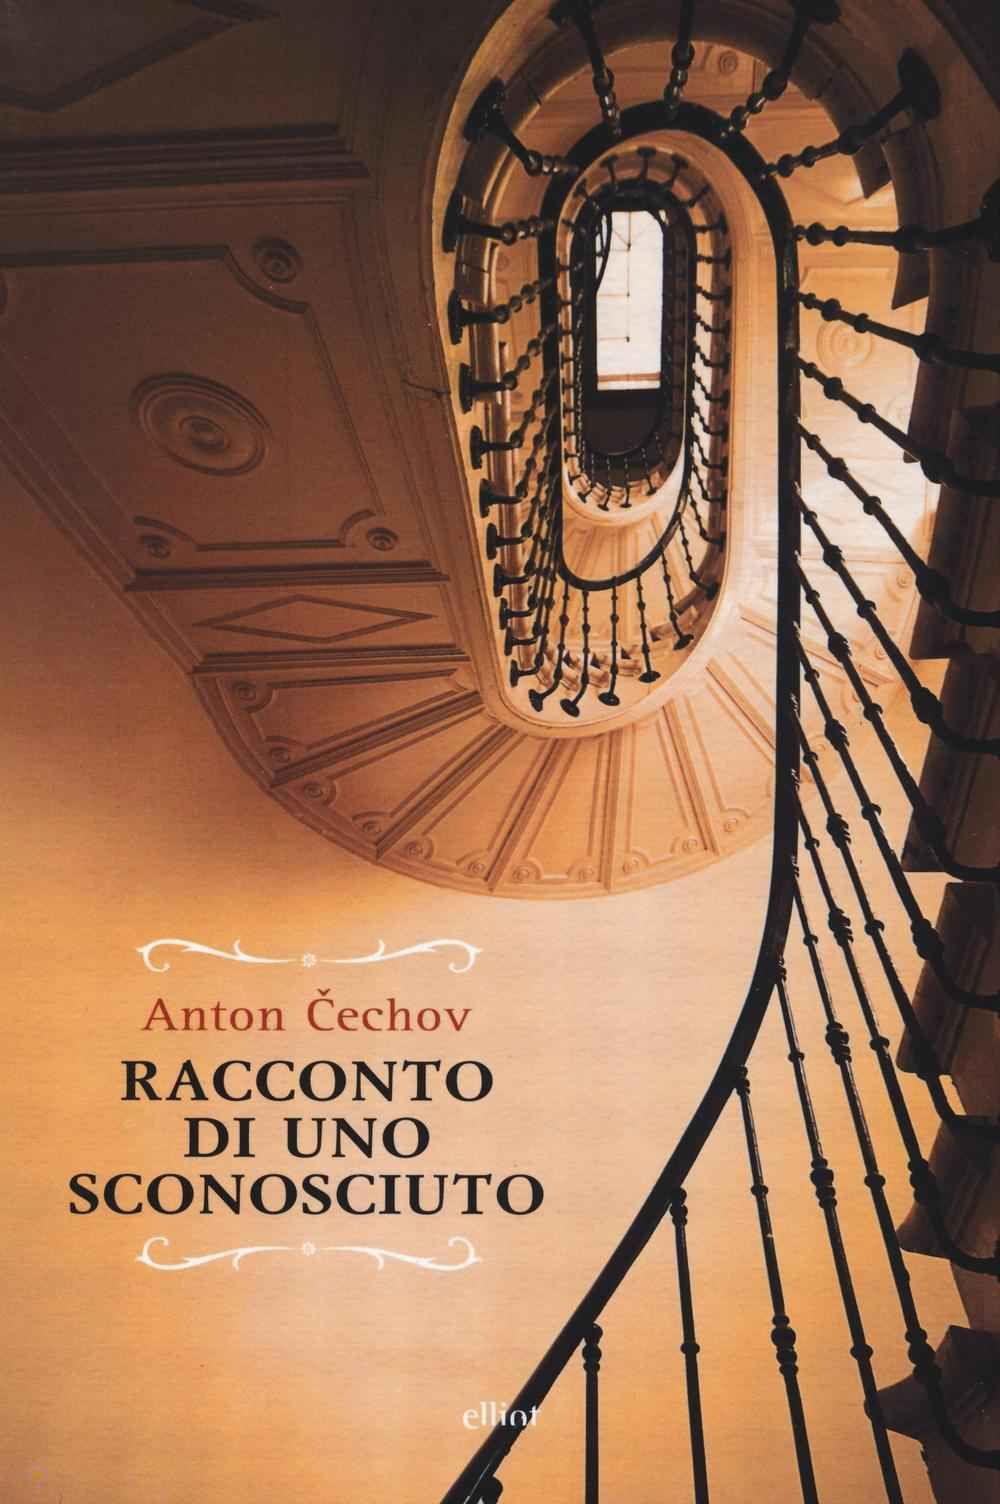 Foto Cover di Racconto di uno sconosciuto, Libro di Anton Cechov, edito da Elliot